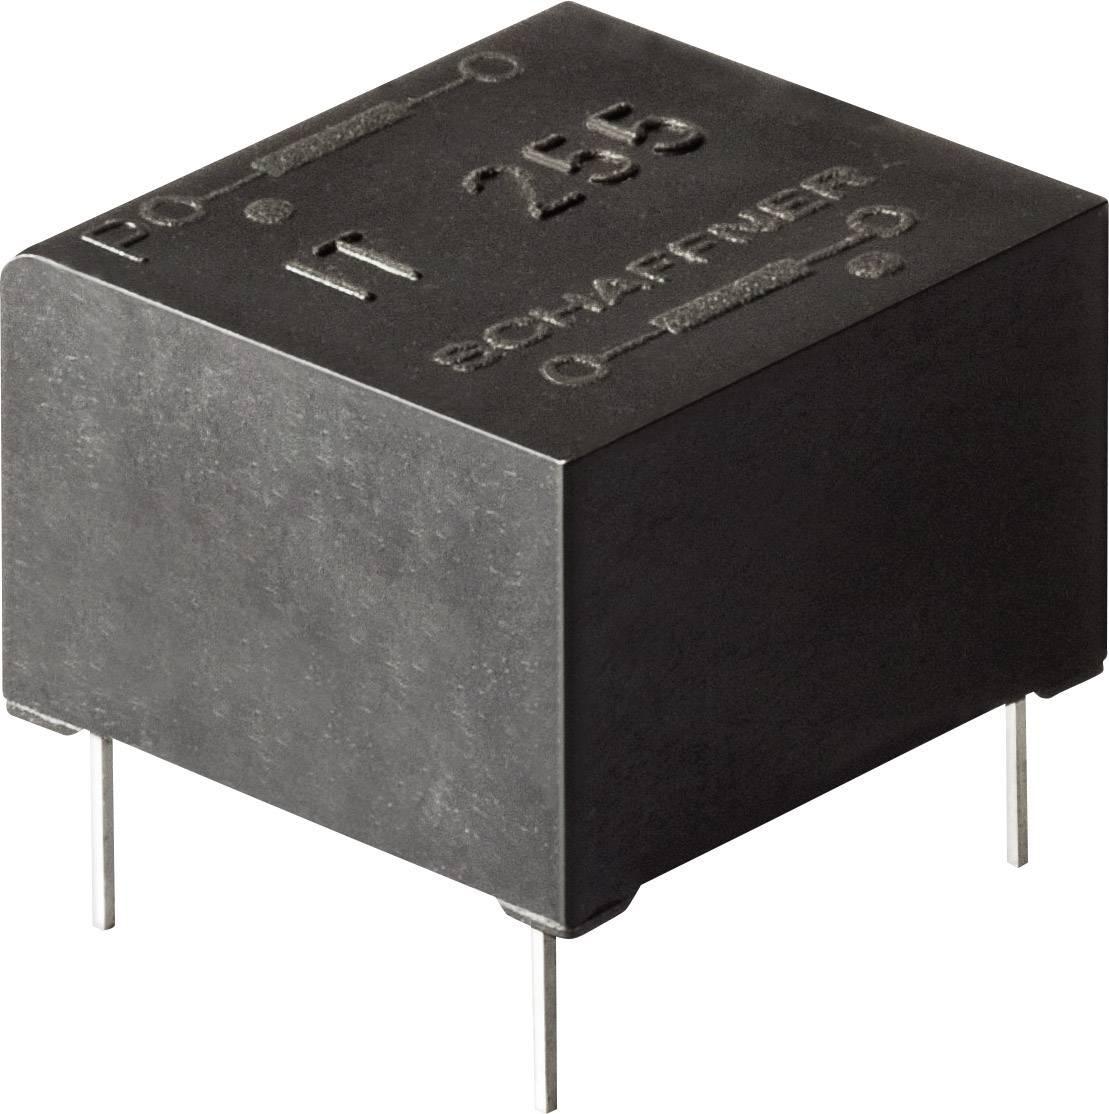 Pulzný transformátor Schaffner IT255 IT255, 3000 V, 2.2 mH, (d x š x v) 17.6 x 16.7 x 11.3 mm, 1 ks